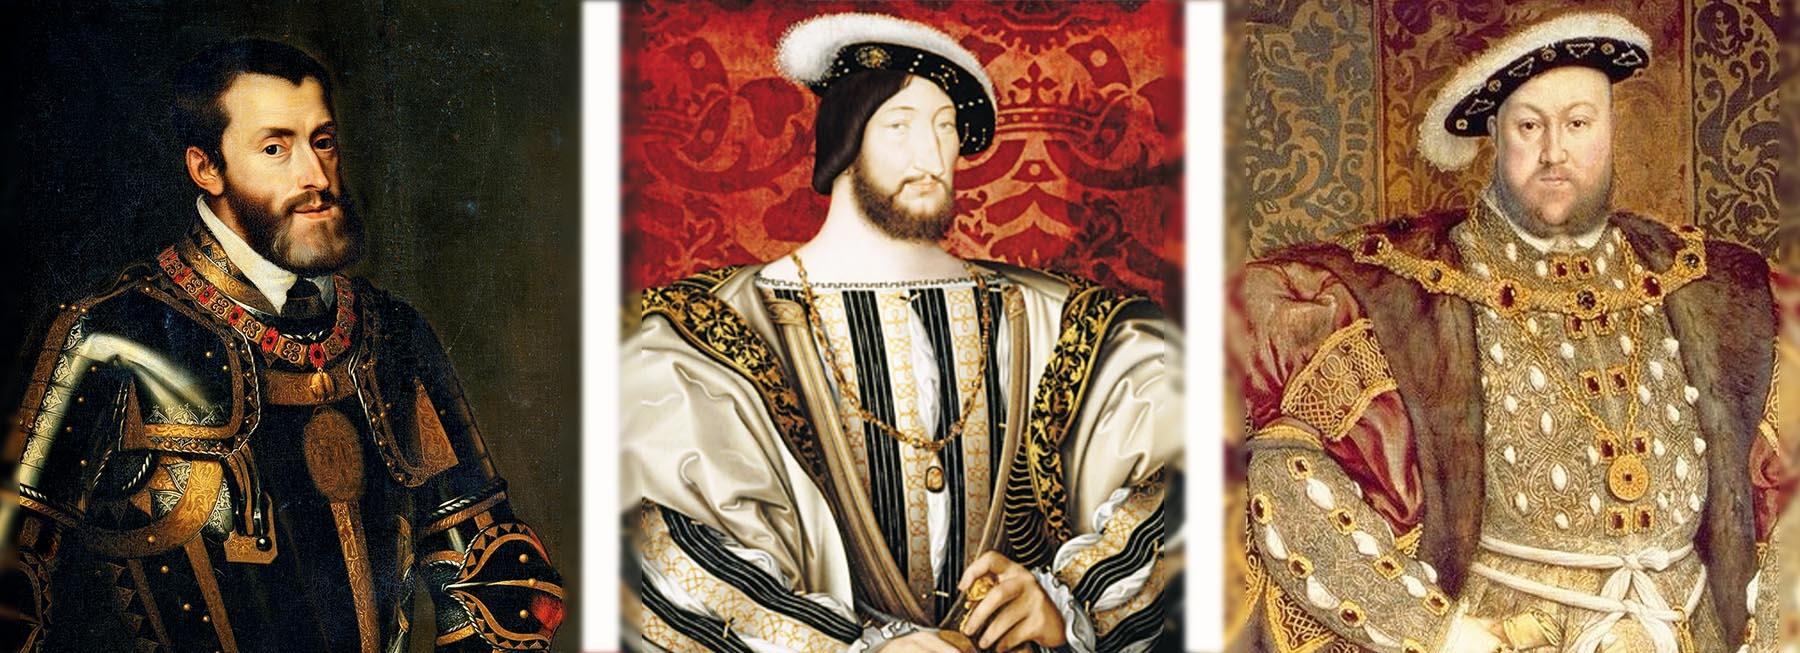 フランス フランソワ1世 16世紀 イングランド ヘンリー8世 神聖ローマ帝国皇帝カール5世 アンティークジュエリー